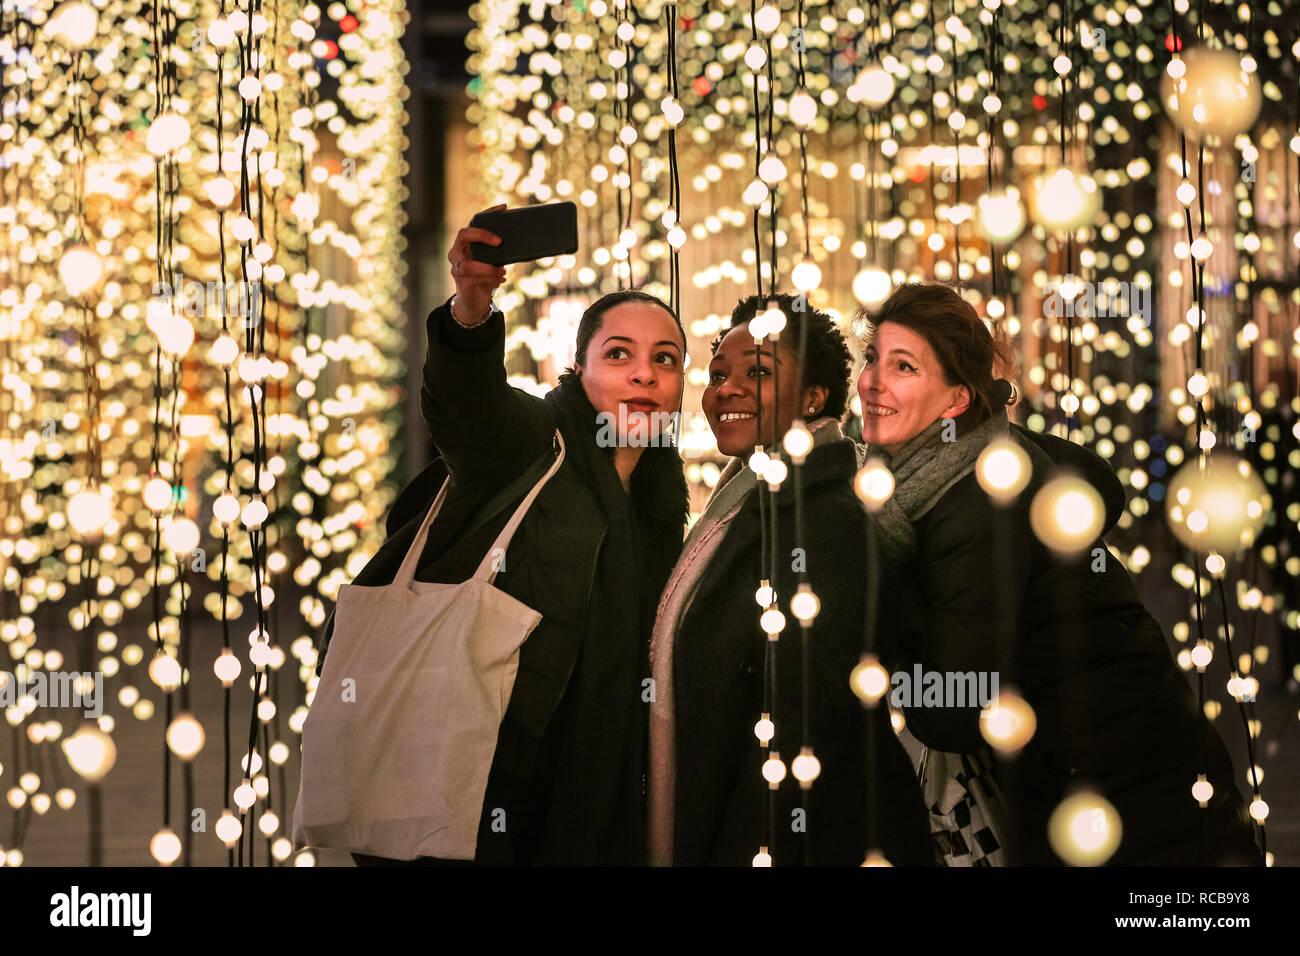 Canary Wharf, Londra, UK, 14 gennaio 2019. Le persone interagiscono con e prendere selfies con il 'Submergence' installazione, un grande lavoro incorporando stringhe di luci pendenti con arti Squidsoup collettiva. La colorata Canary Wharf inverno impianti luci ancora una volta aperto al pubblico la visualizzazione e divertimento interattivo in ed intorno a Canary Wharf da Jan xv fino a Gen 26th. Credito: Imageplotter News e sport/Alamy Live News Immagini Stock